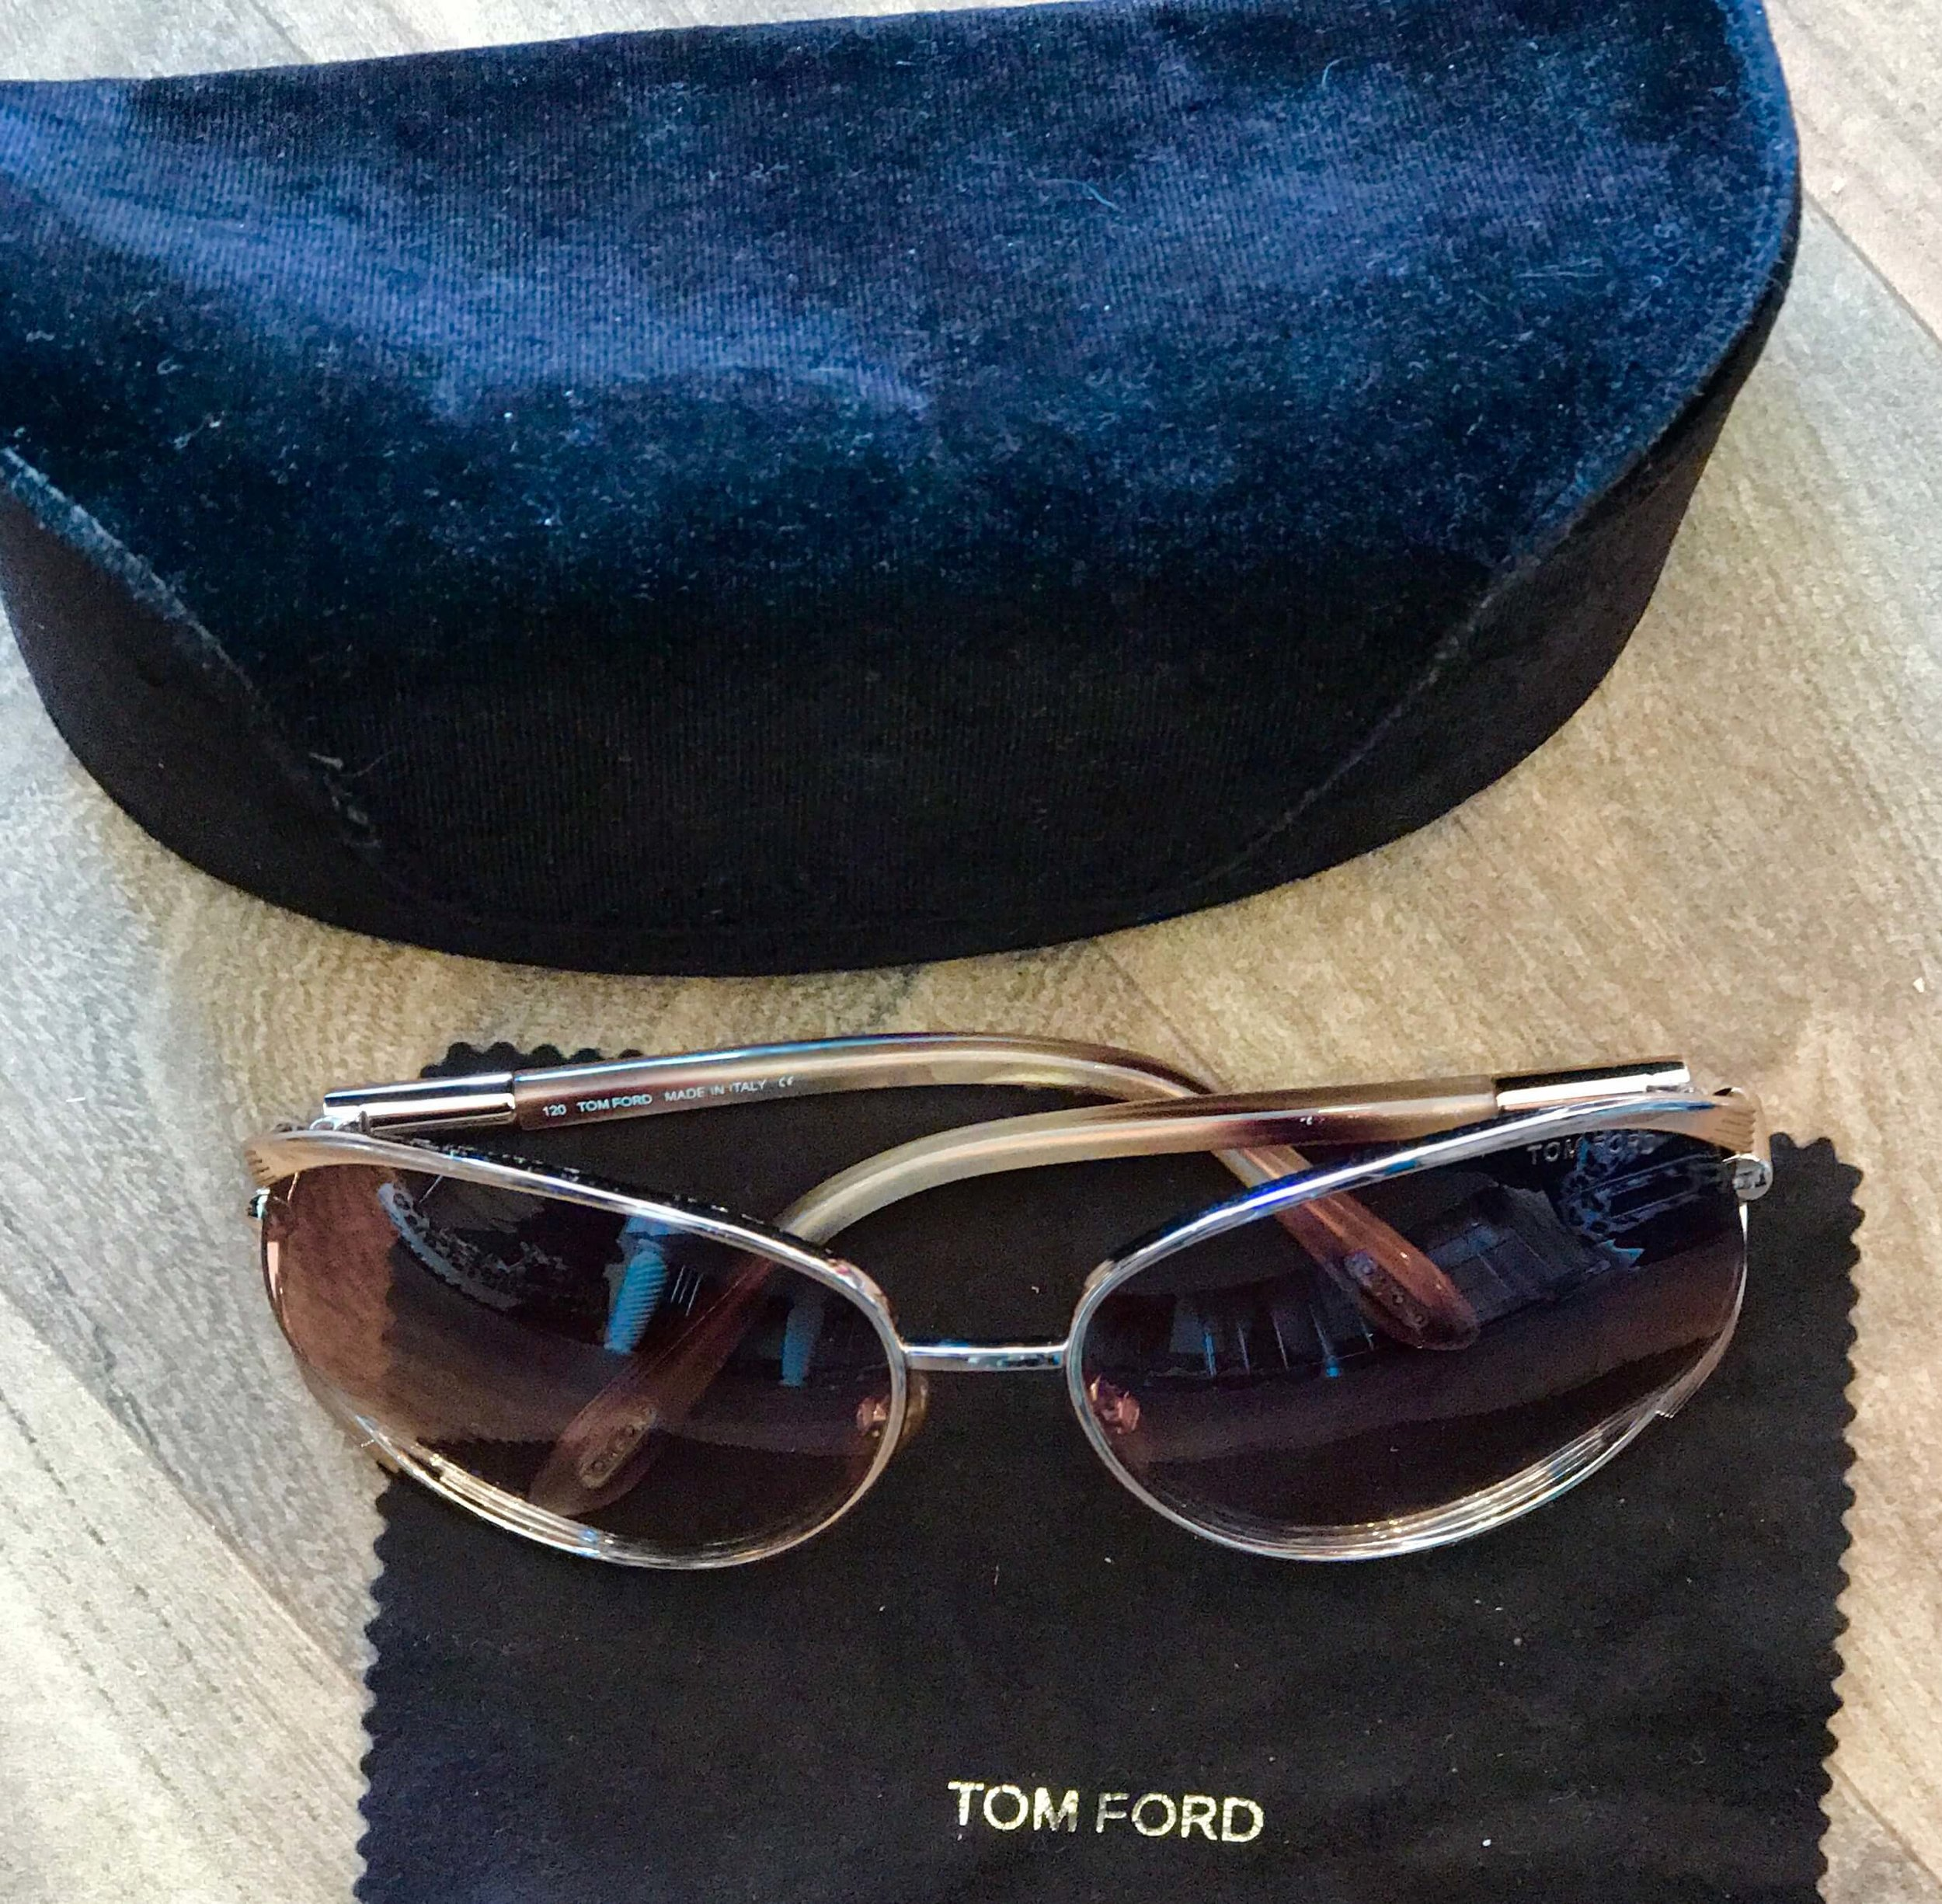 Tom Ford Glasses £9 (1).jpg